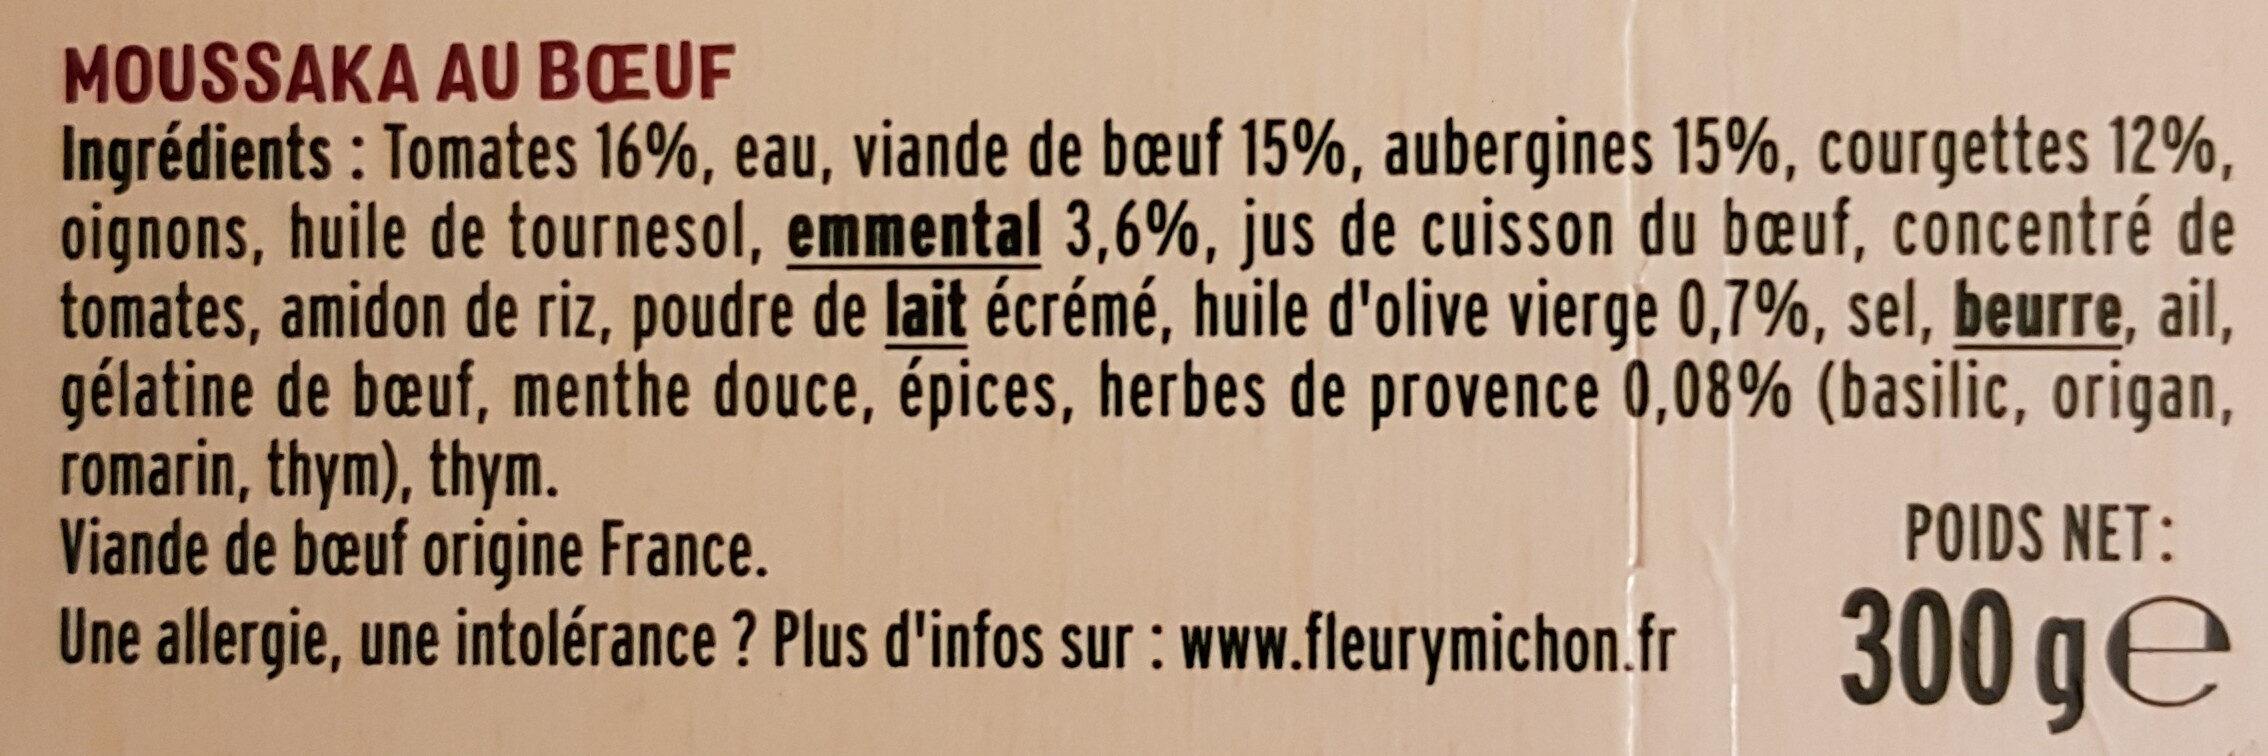 La Moussaka Boeuf & Aubergines avec une touche de menthe douce - Ingrédients - fr